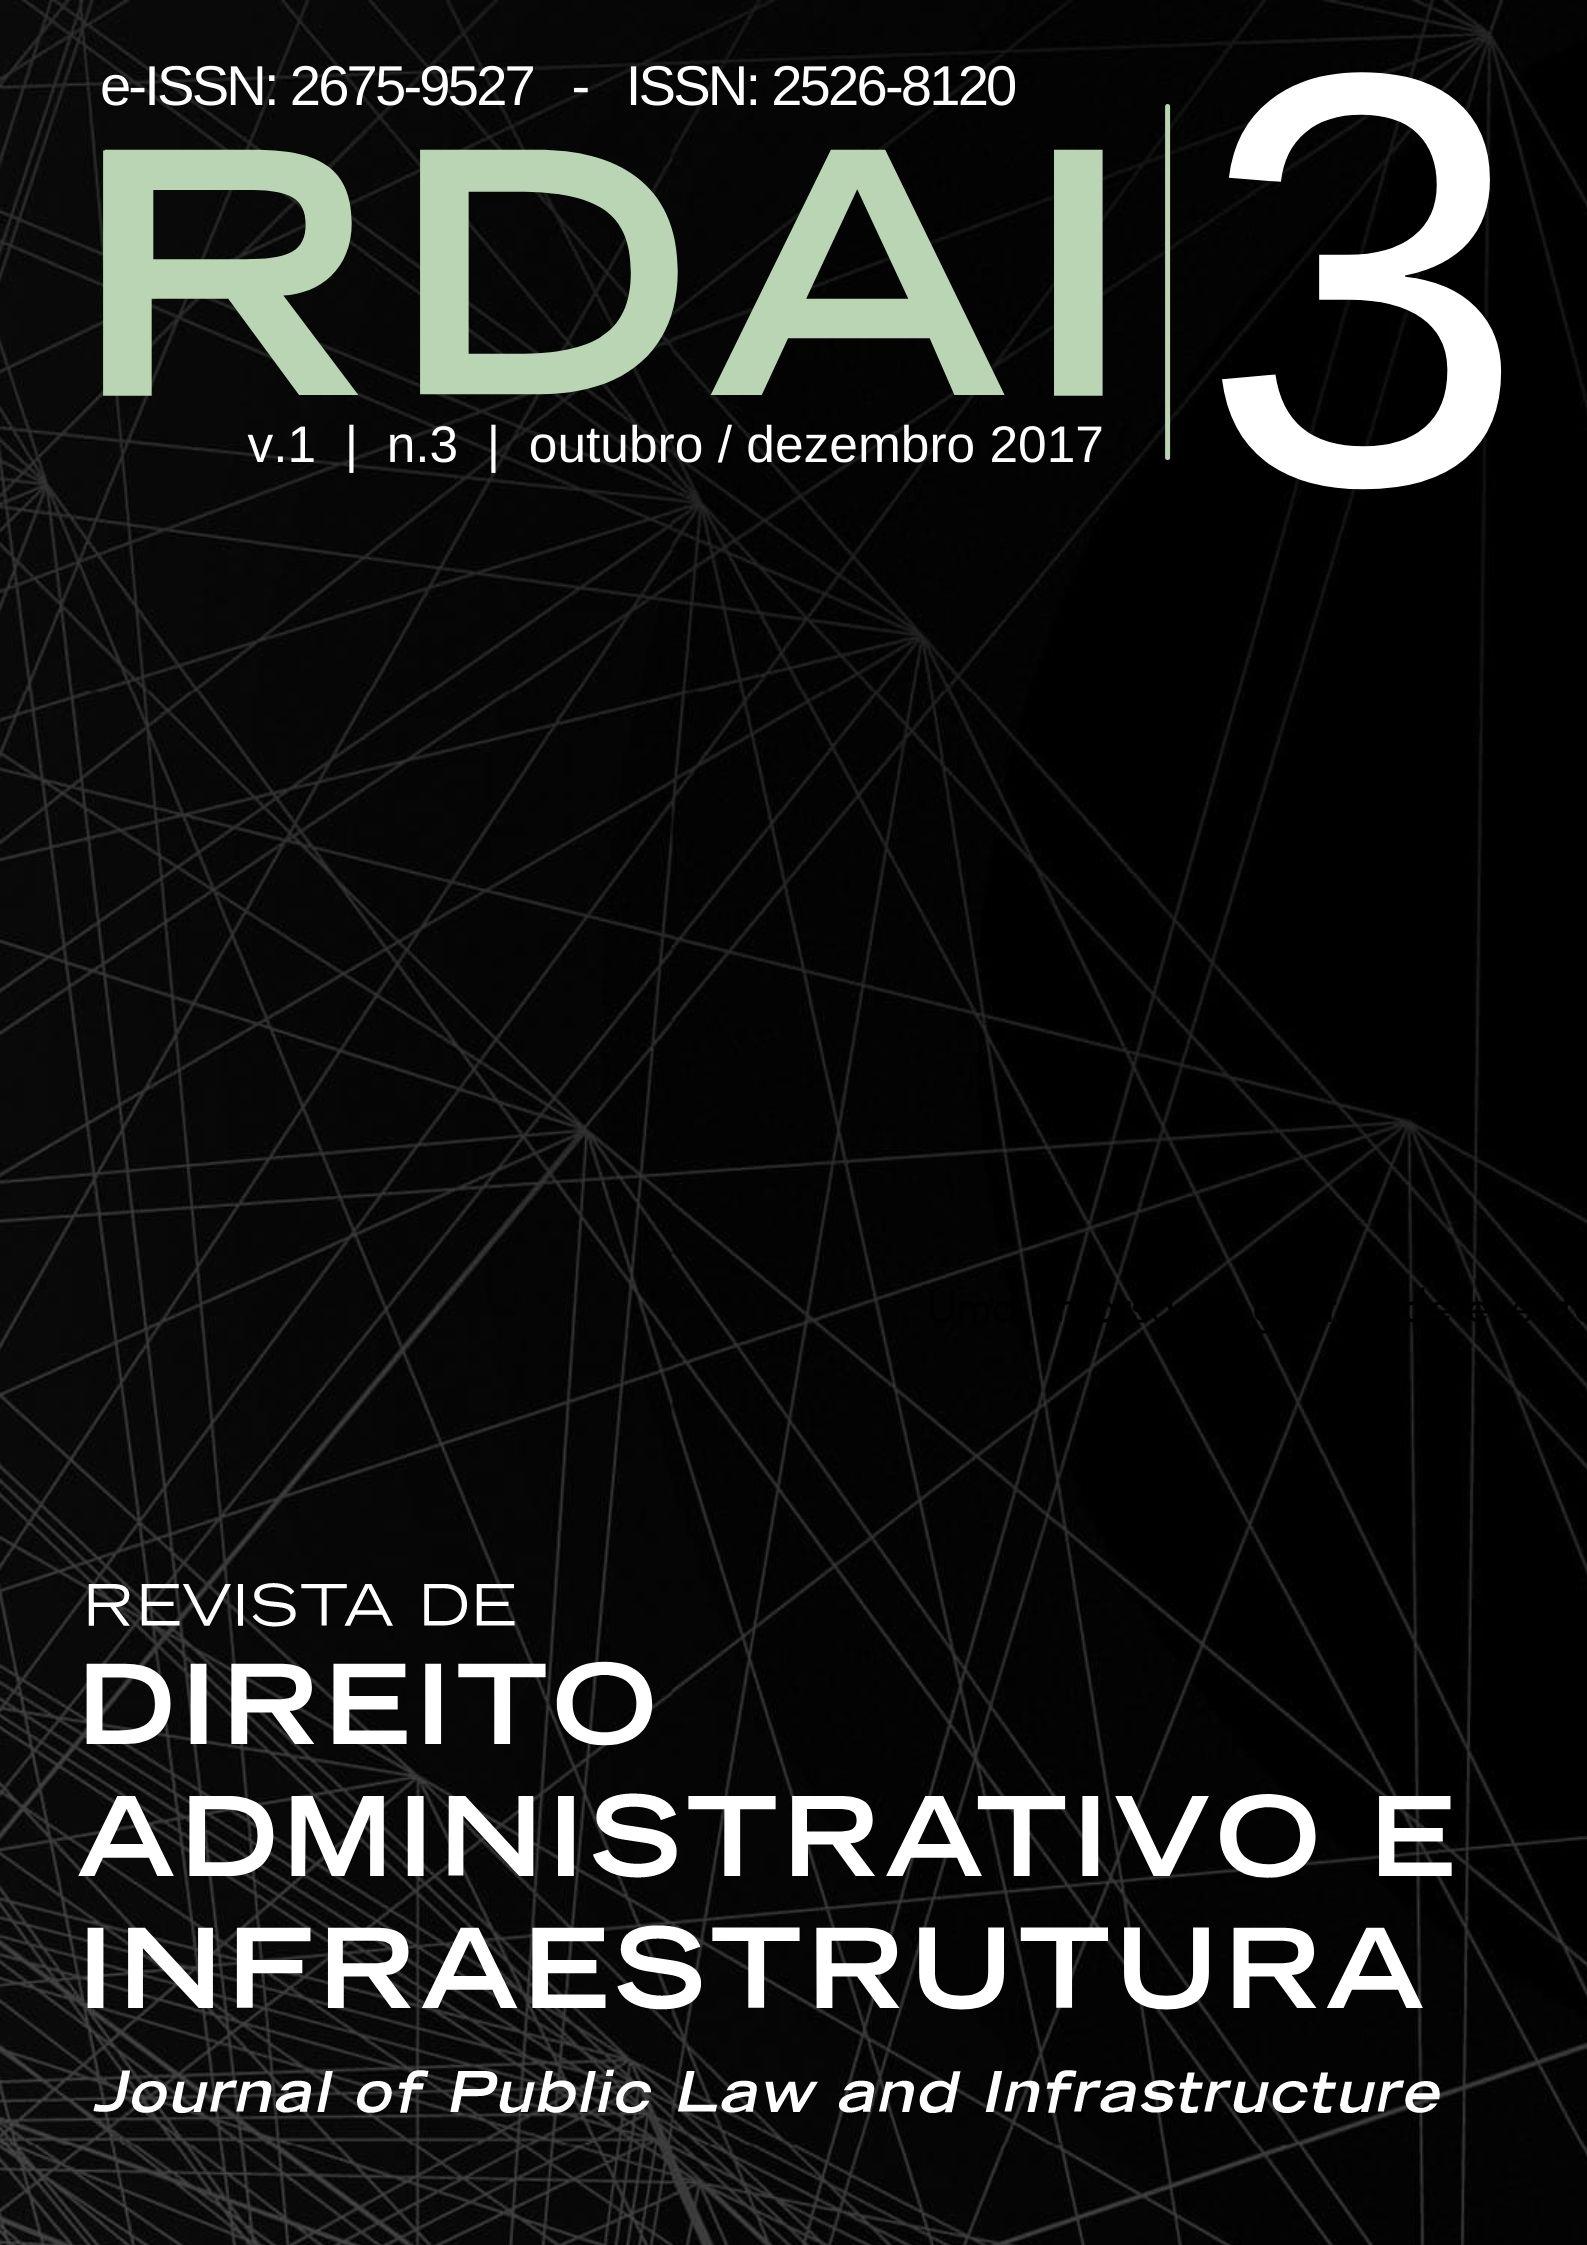 RDAI 03